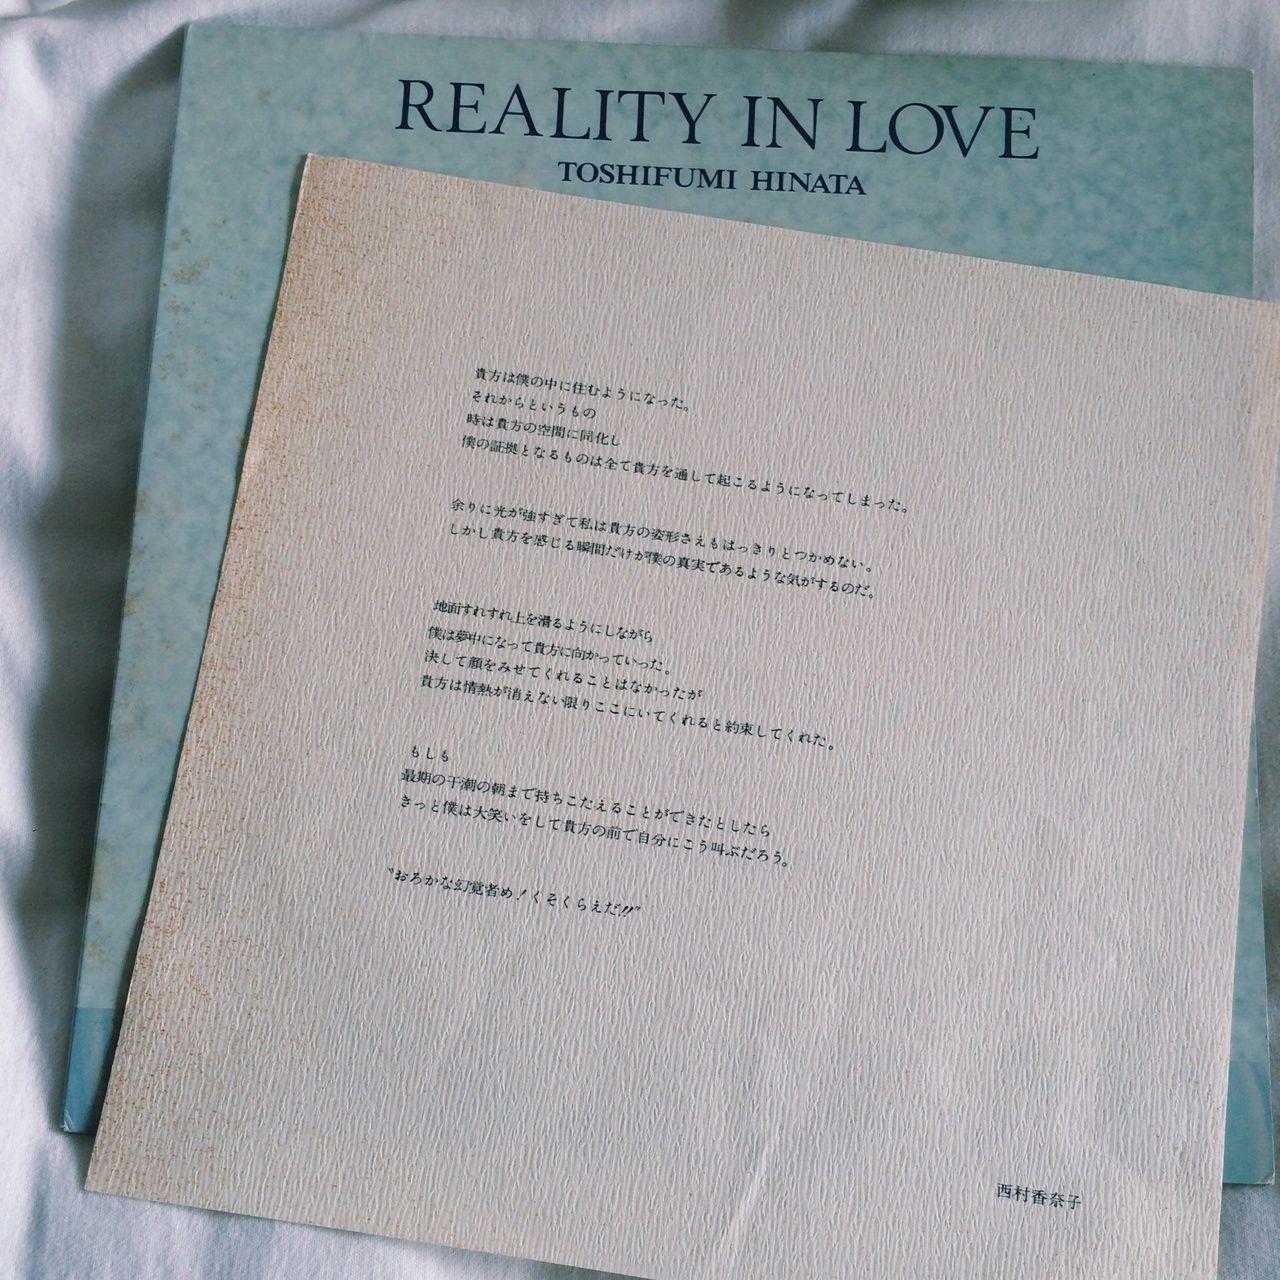 今日のレコード/いつか訪れた心の風景 ひとつぶの海 REALITY IN LOVE_f0170995_10354720.jpg